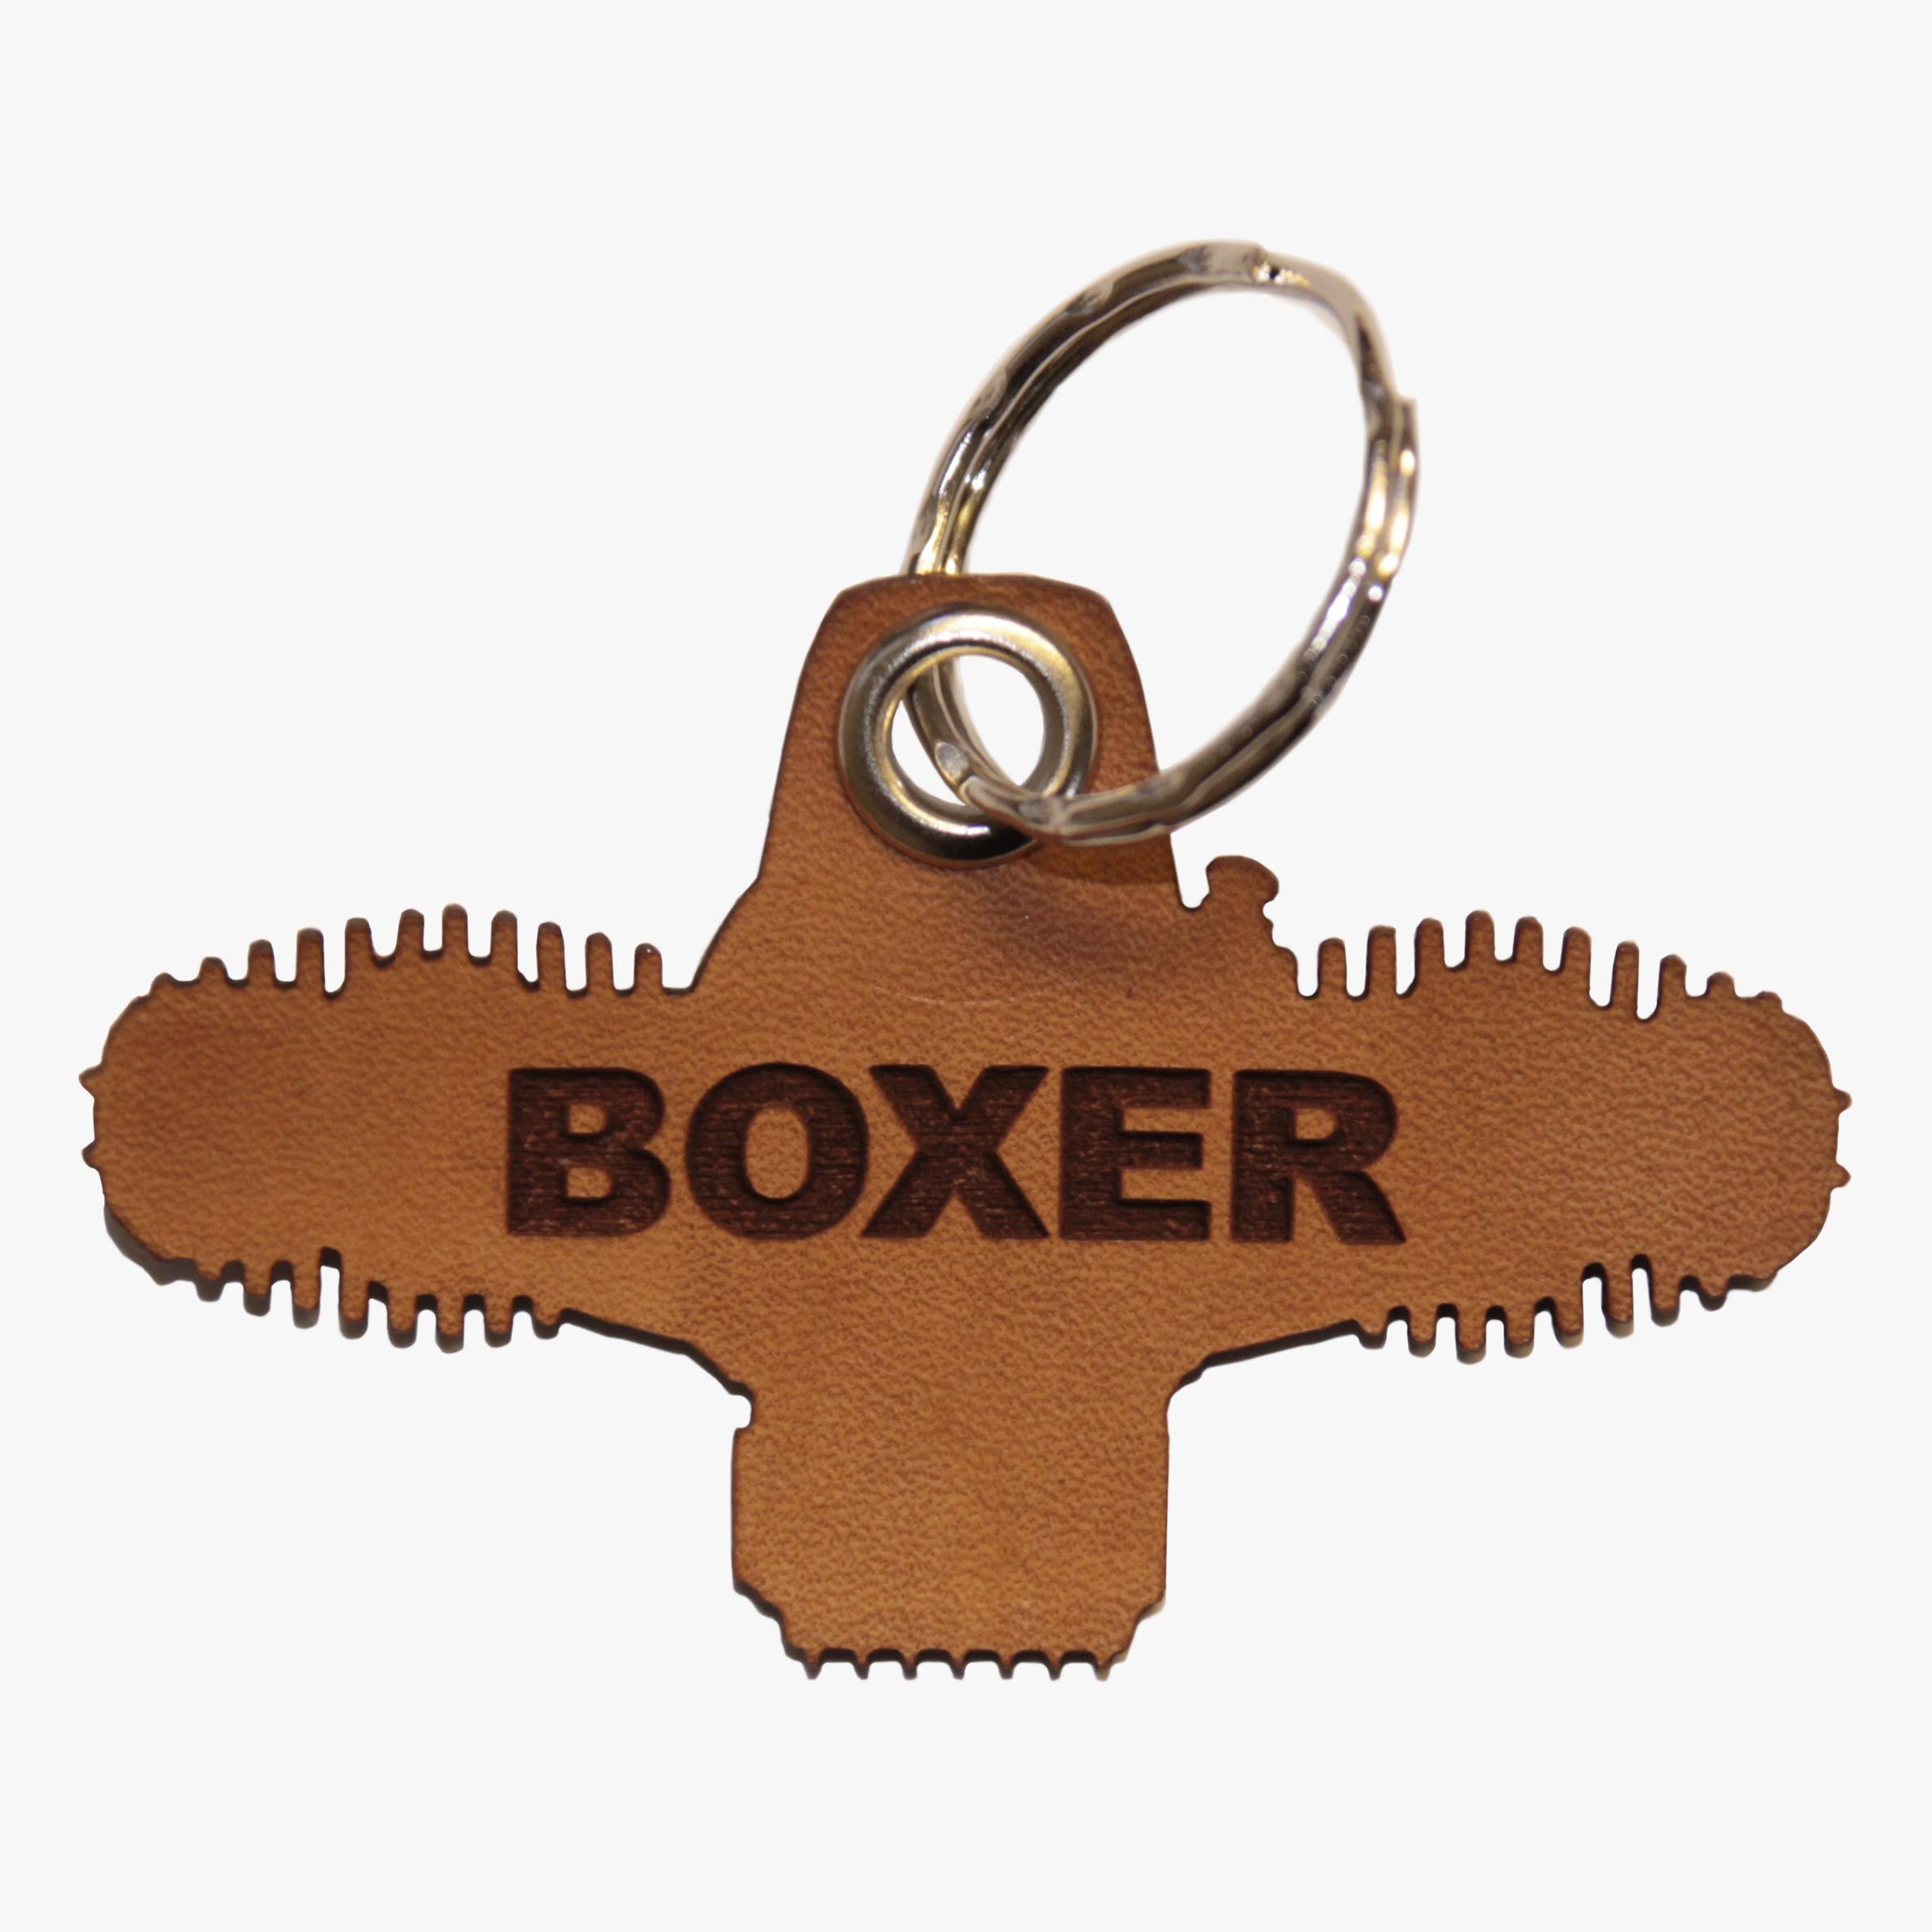 Boxer Leder Schlusselanhanger Himora Clothing